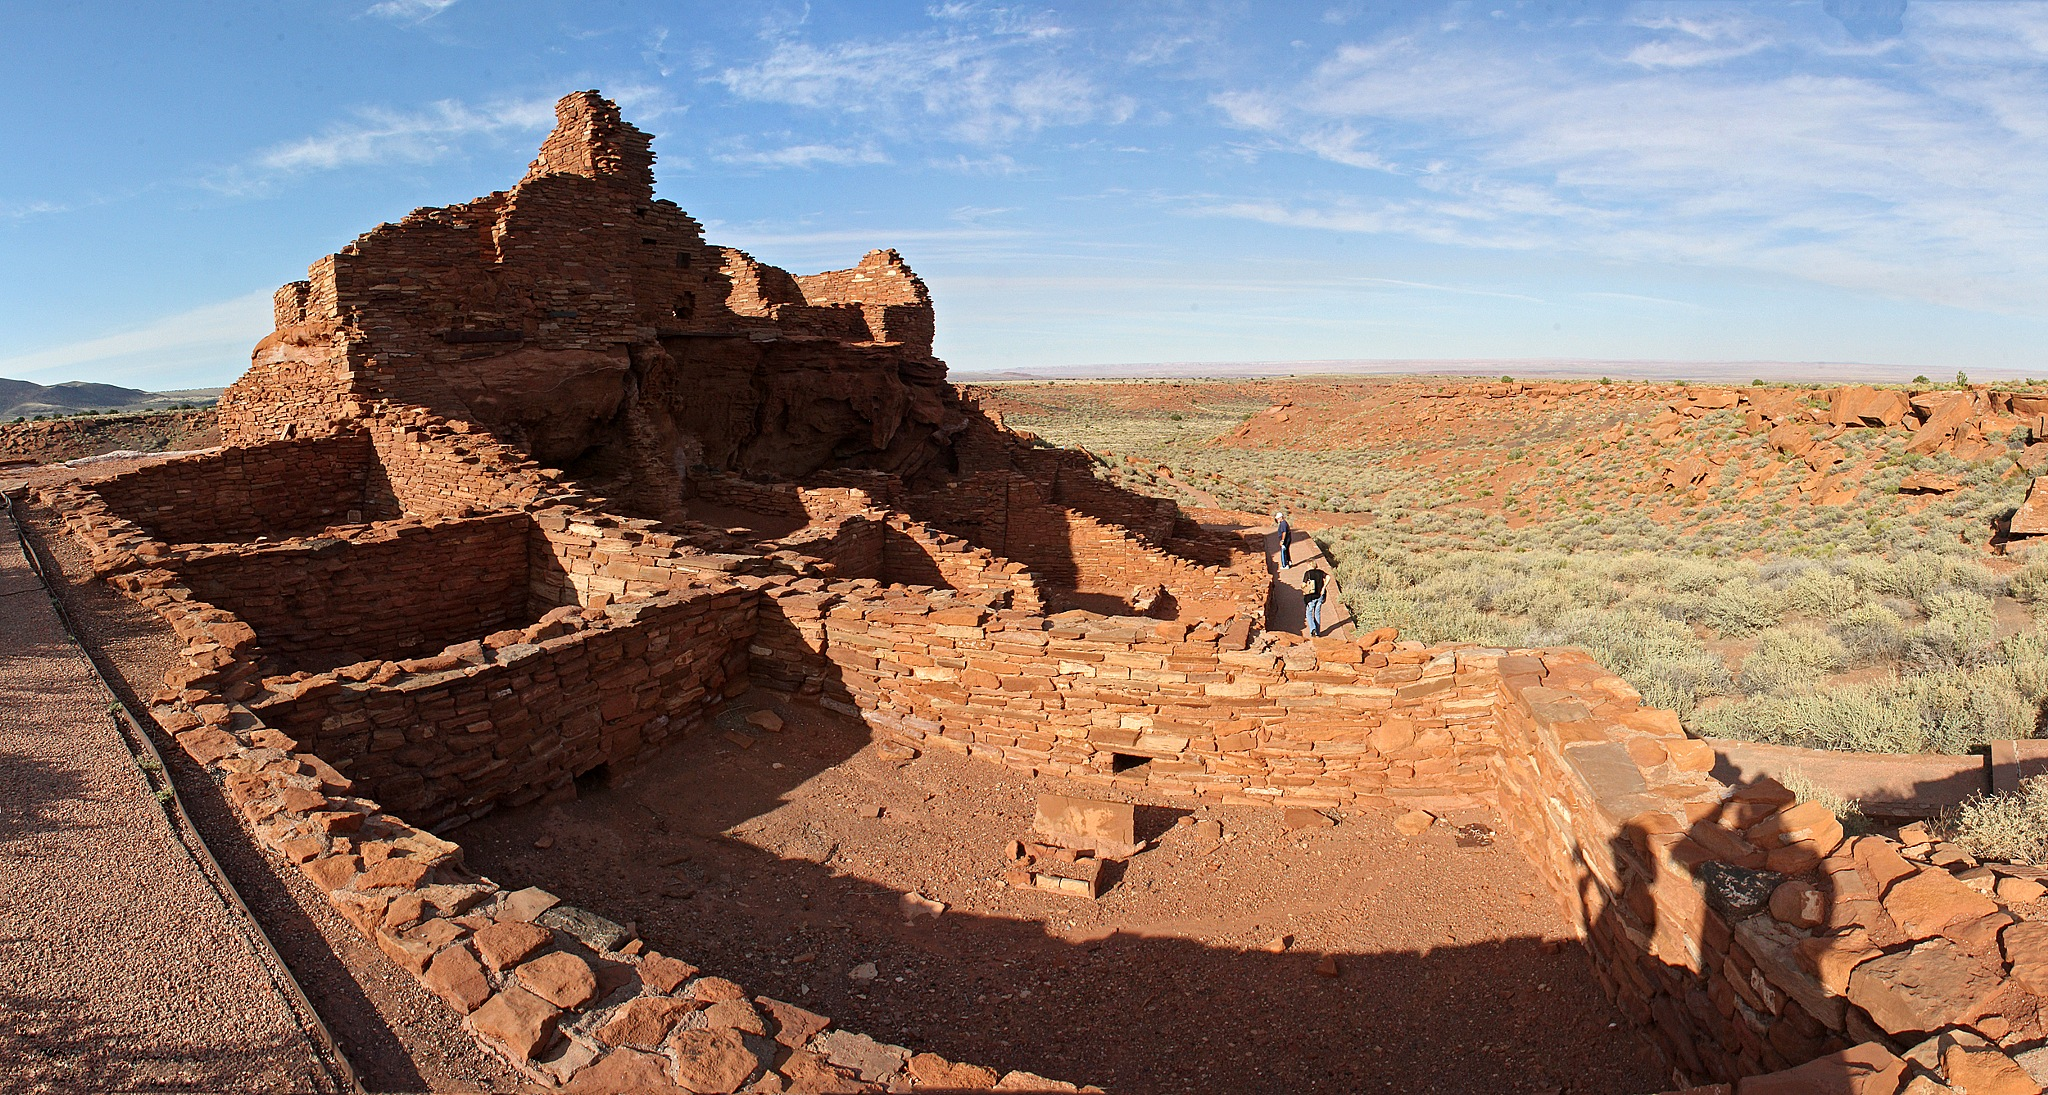 Wupatki Pueblo Panorama by Carl Main